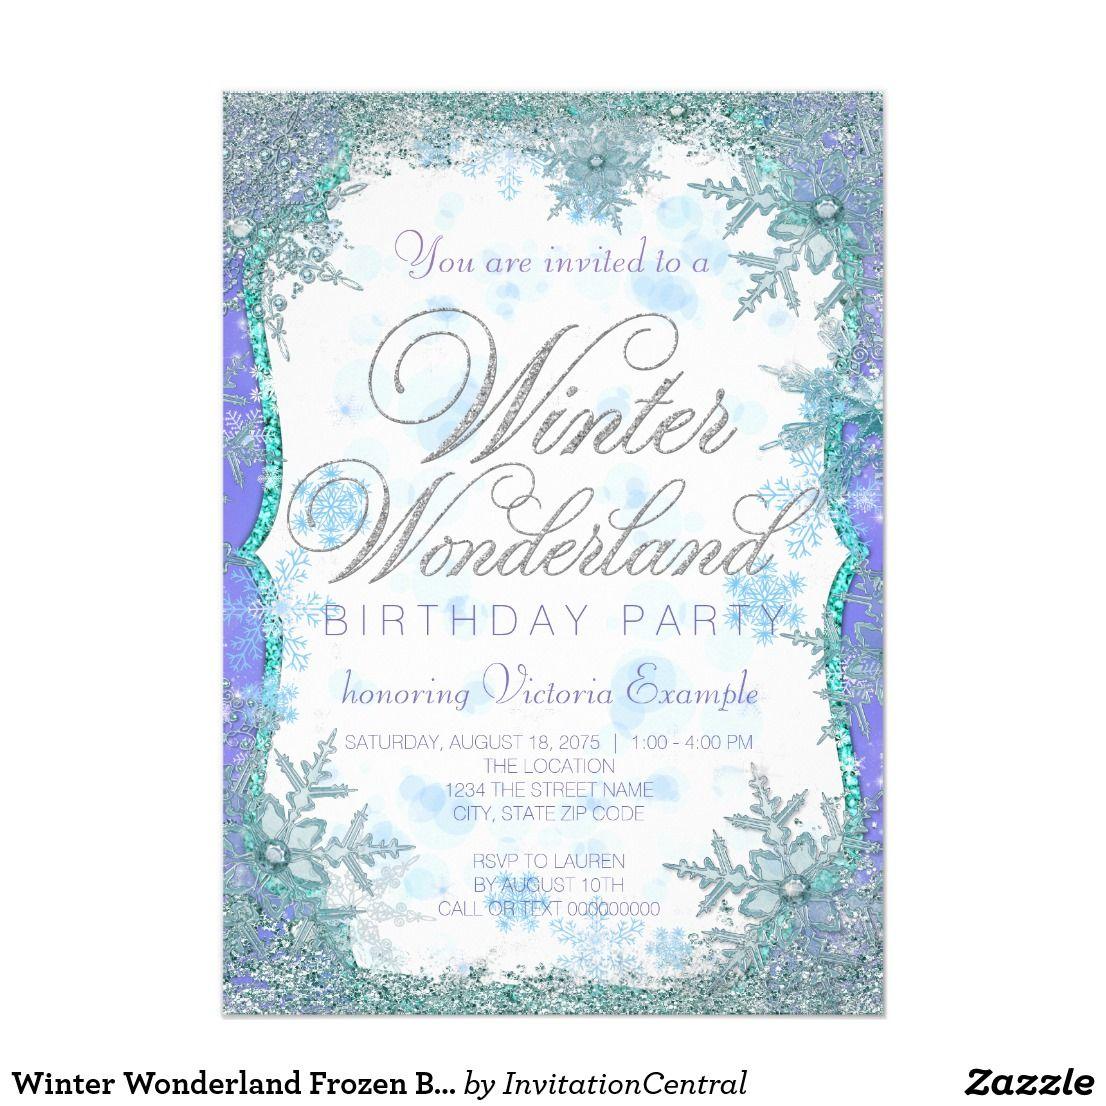 Winter Wonderland Frozen Birthday Party Card | Winter wonderland ...